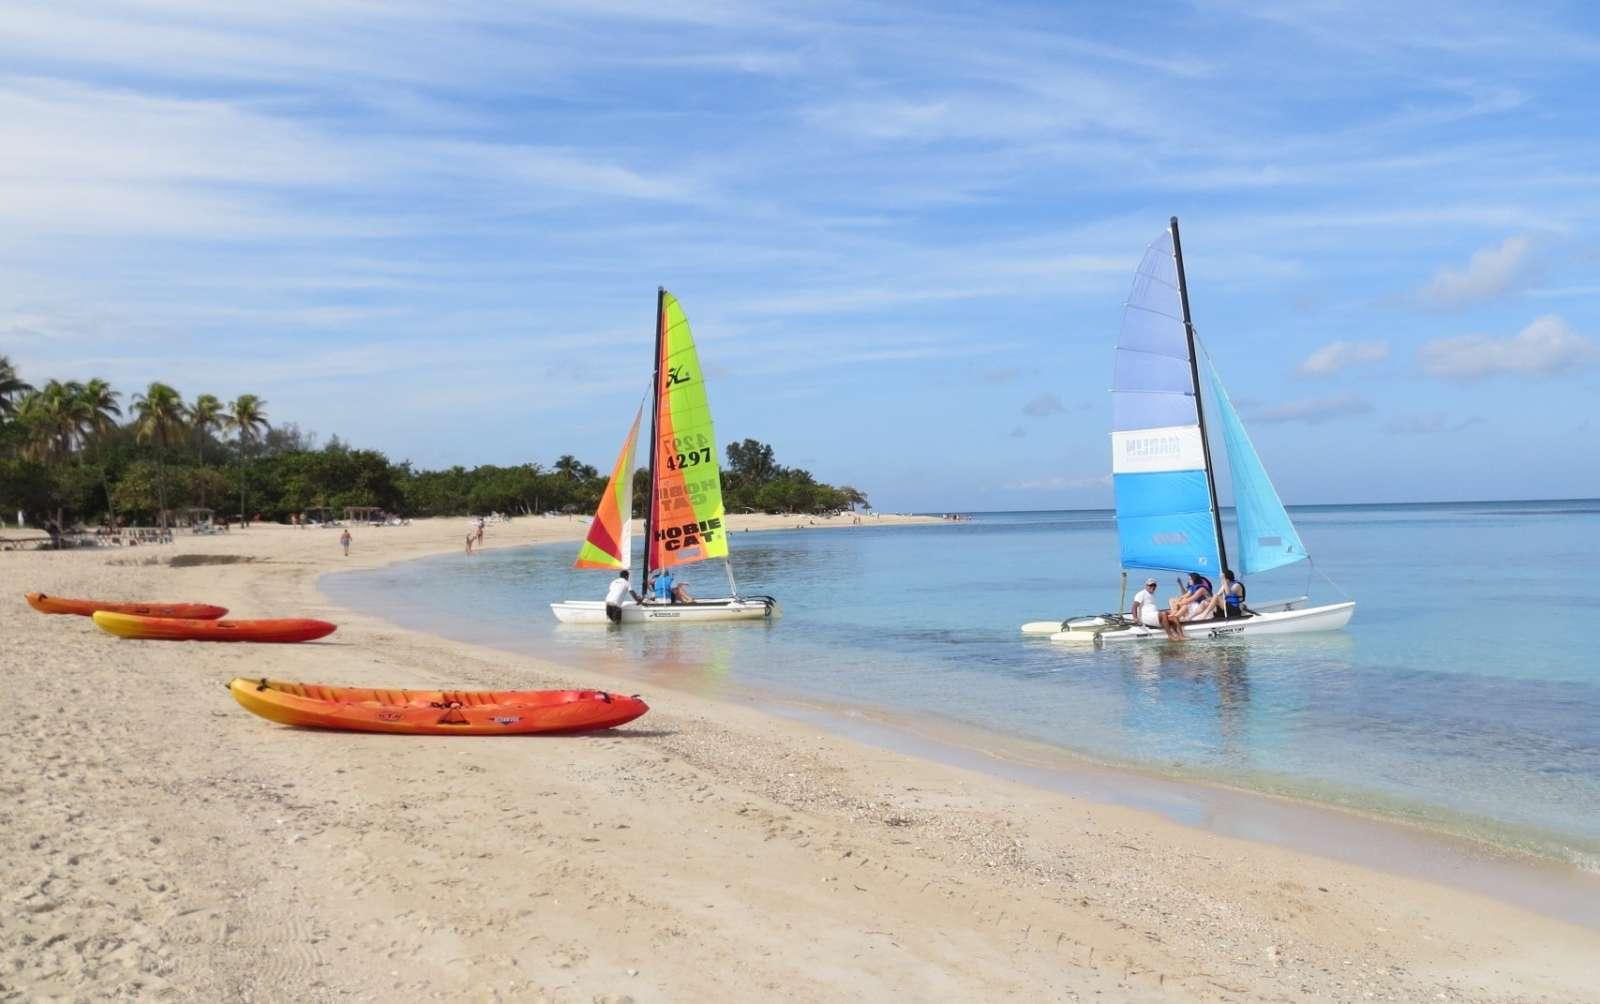 Playa Arroyo Bermejo at Jibacoa, Cuba